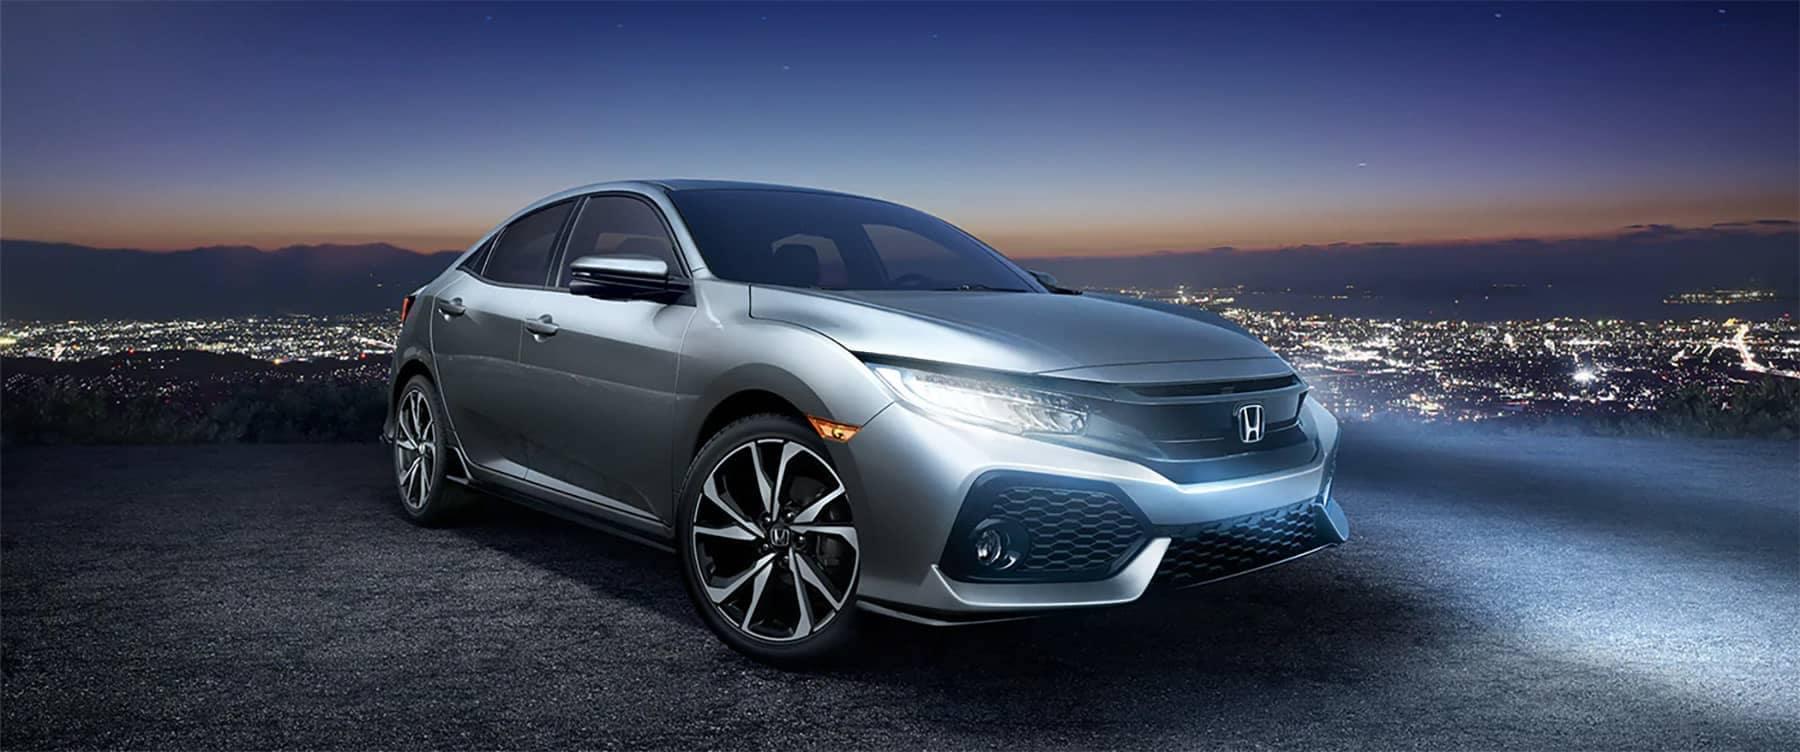 2019 Honda Civic HB Parked